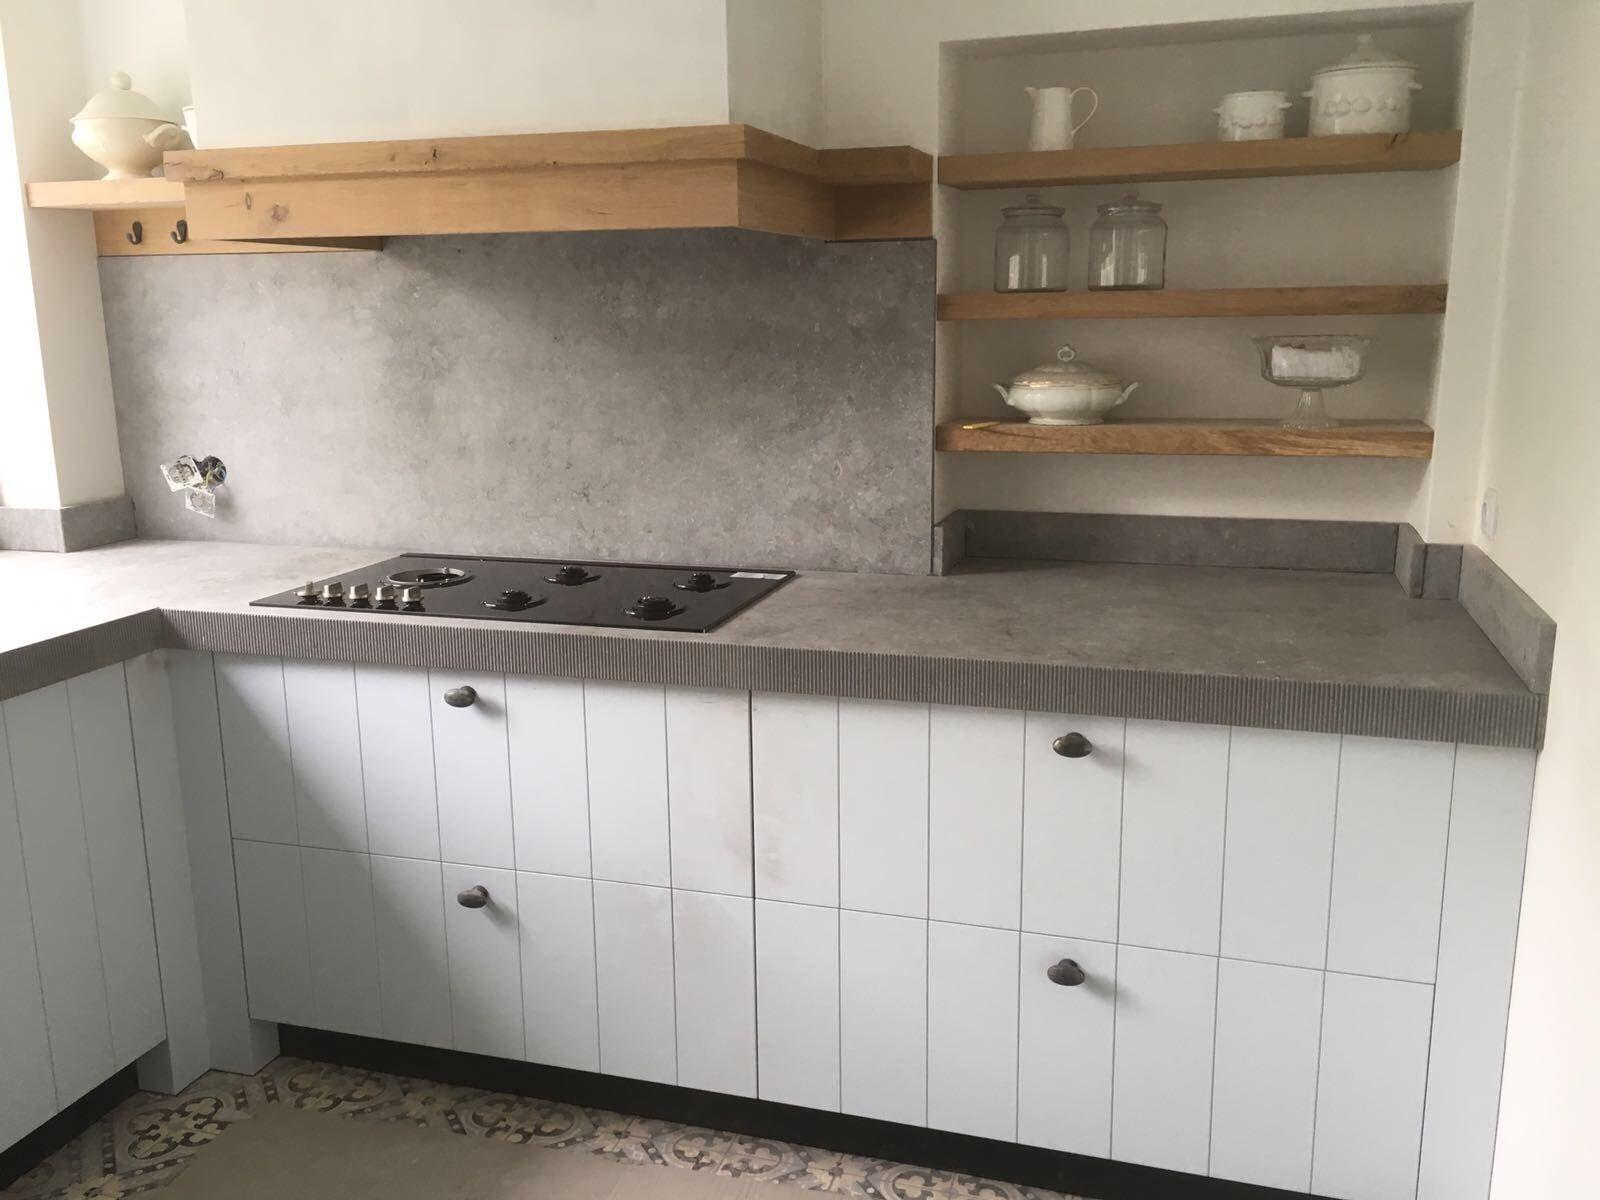 Afbeeldingsresultaat voor keramiek keukenblad betonlook keuken